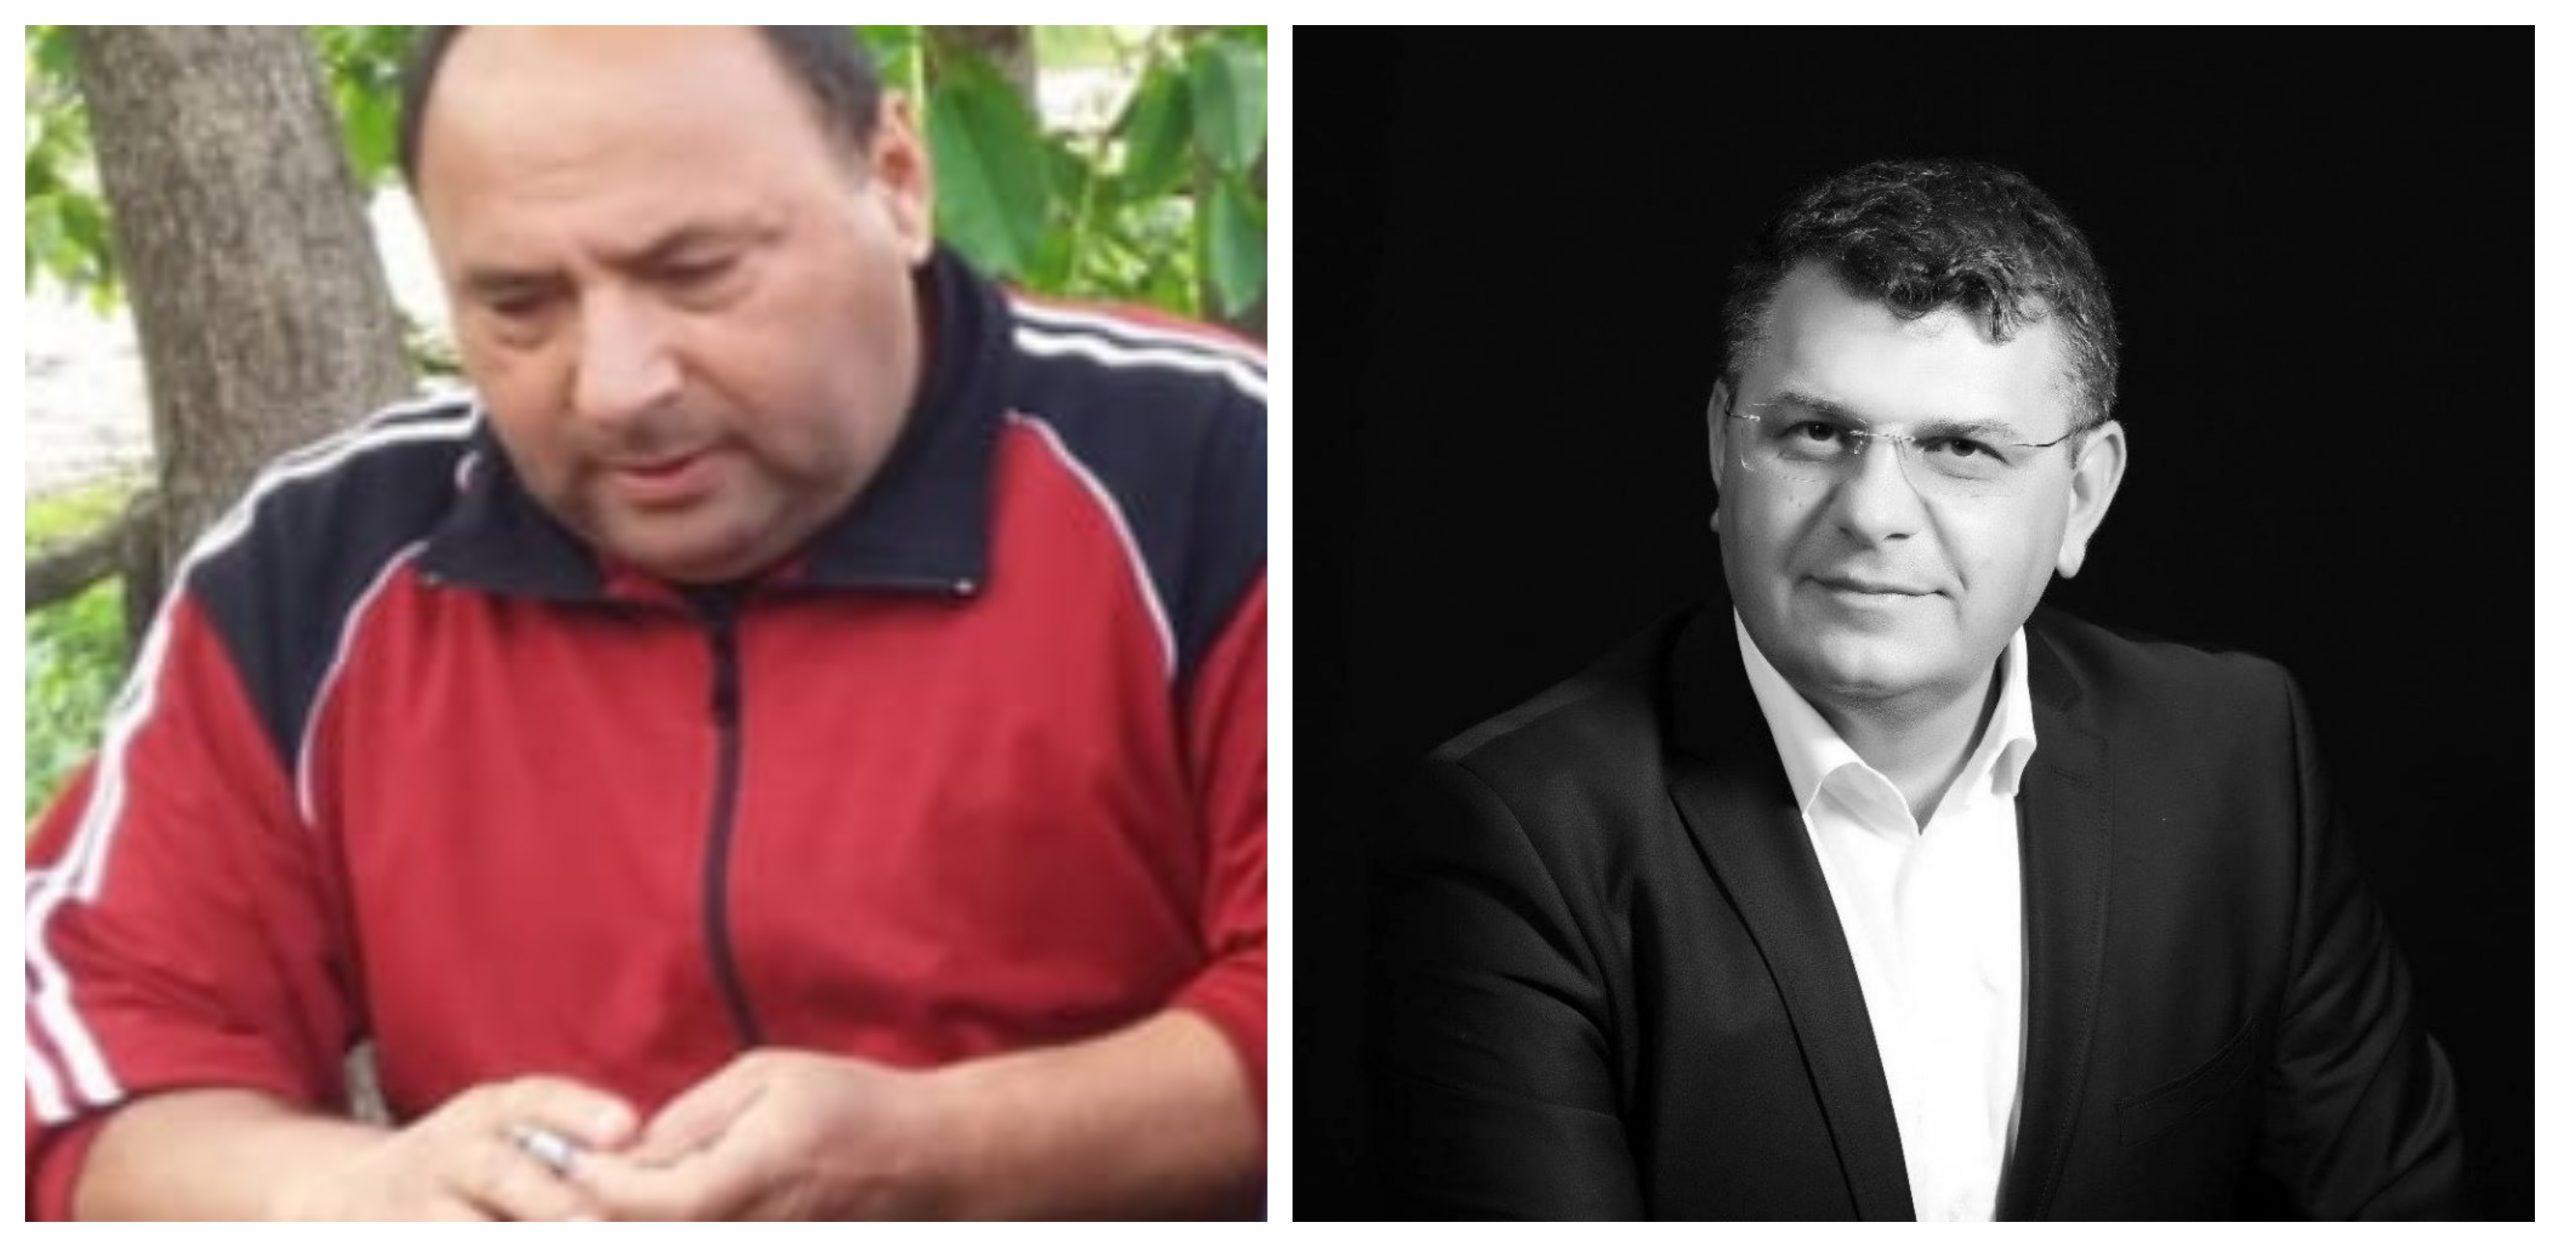 Doliu în politică! Doi politicieni au pierdut lupta cu nemilosul virus